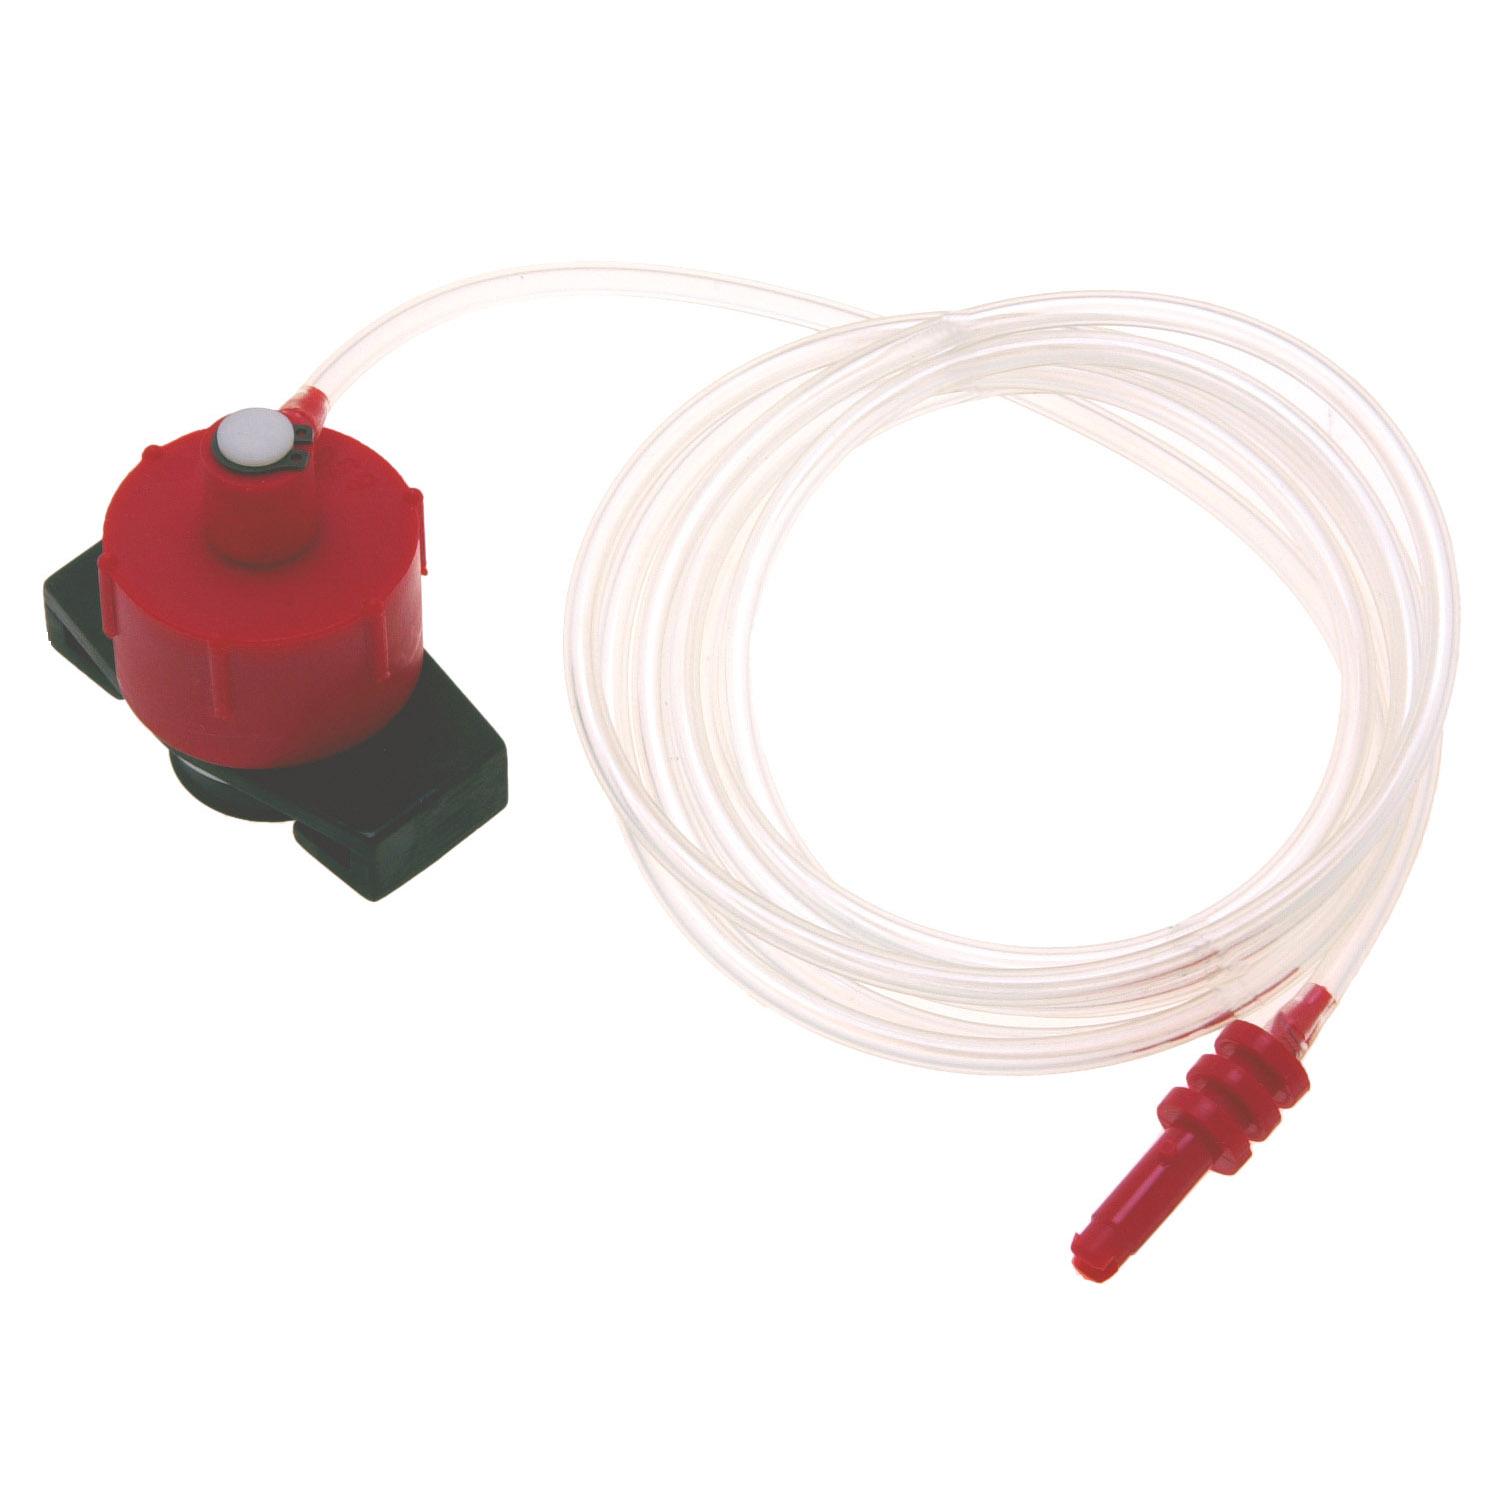 KDS830S6 Metal syringe adapter